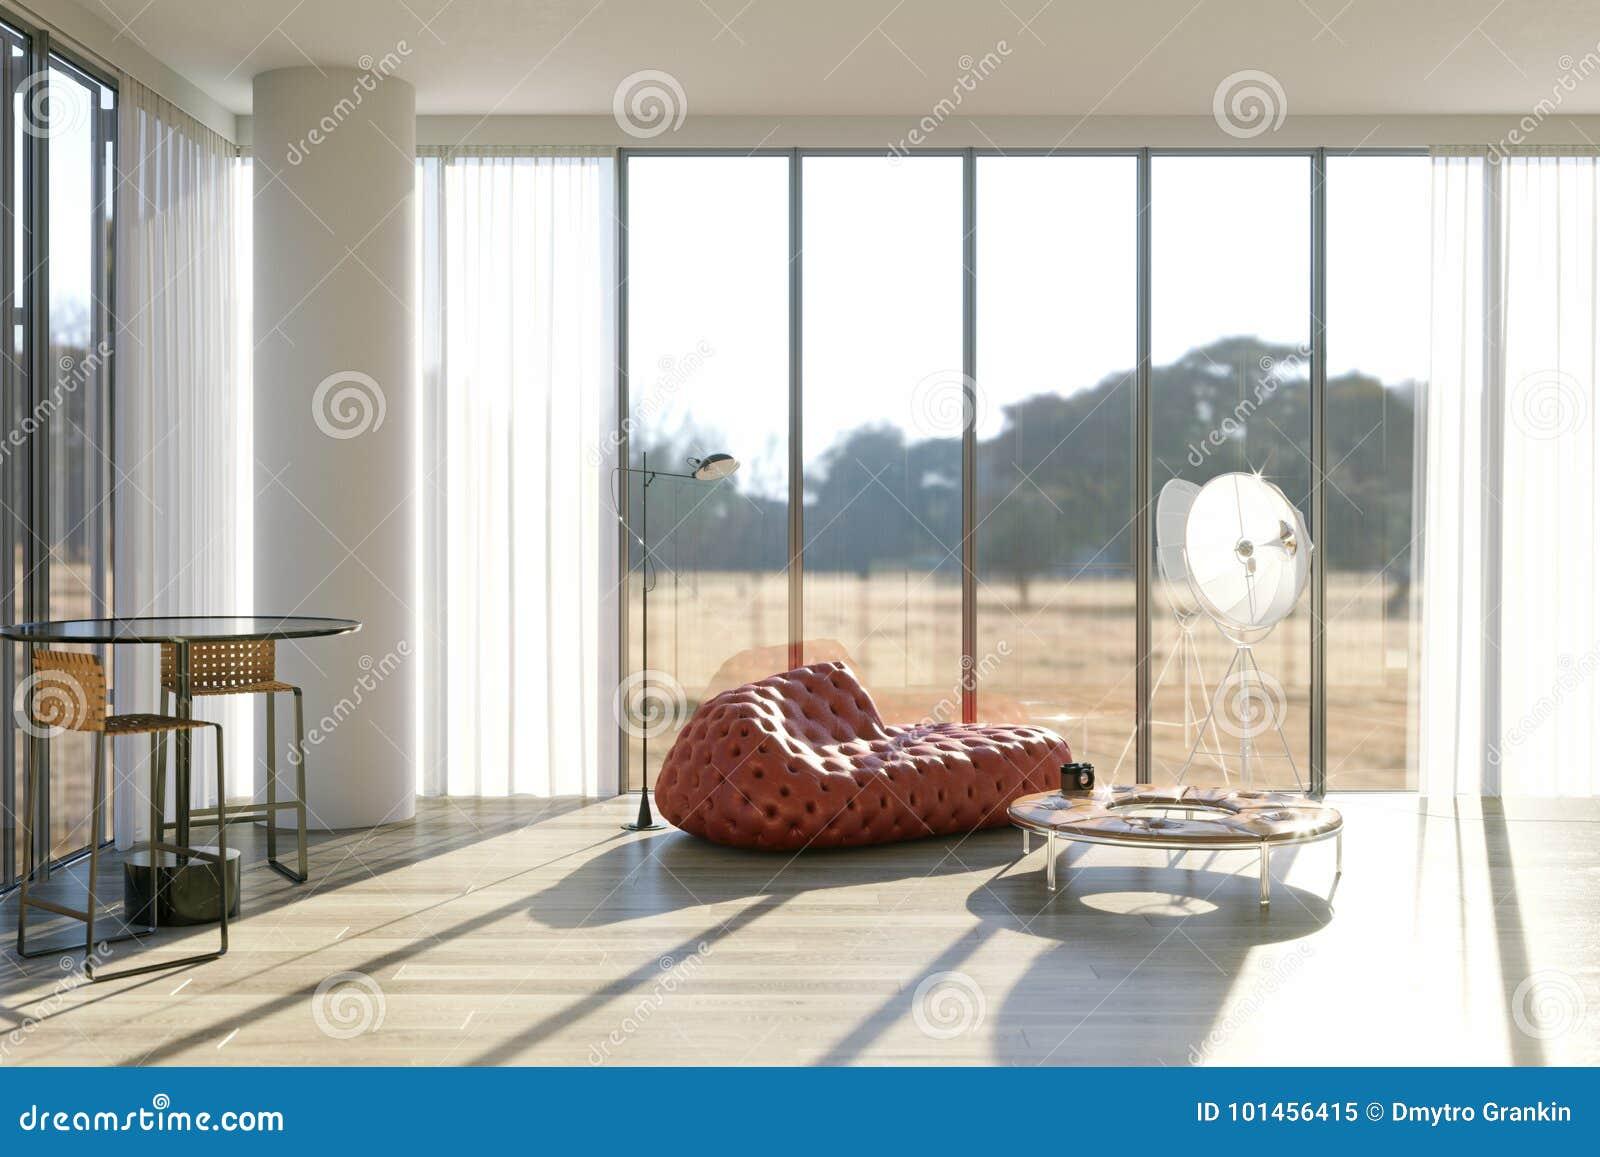 Woonkamer Op Zolder : Woonkamer in zolder met leer rode bank en staande lamp stock